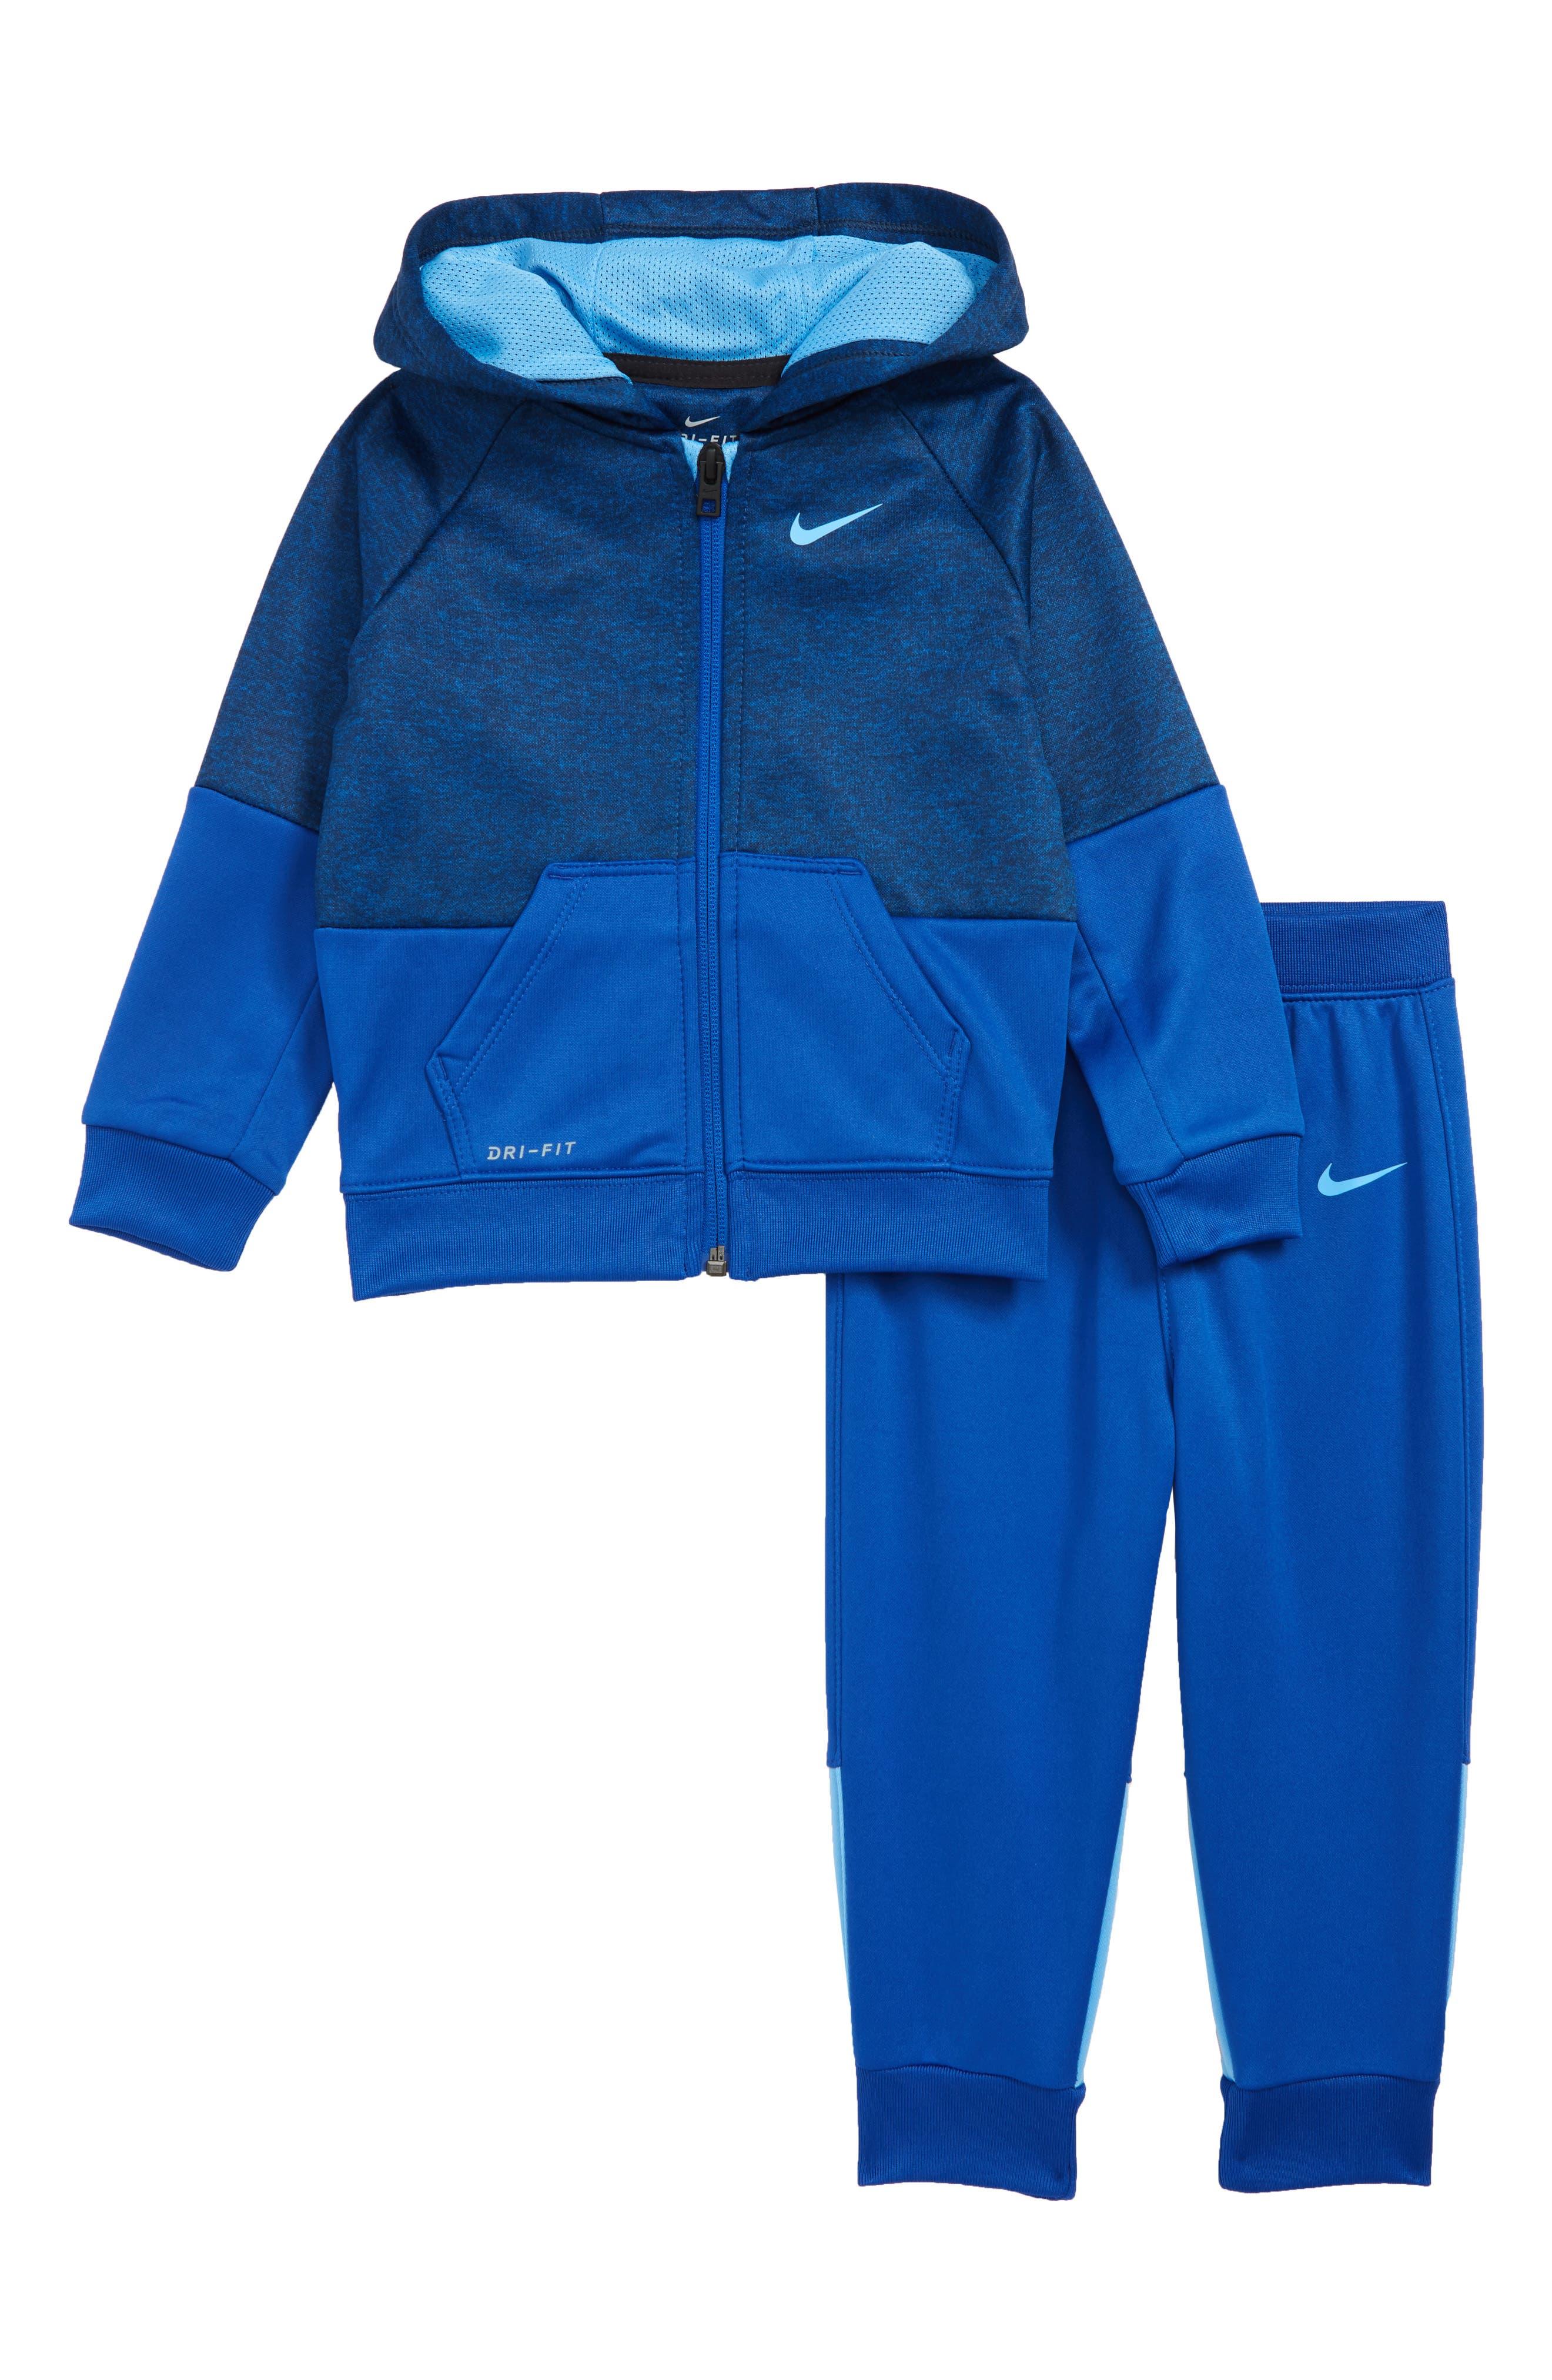 Speckle Dry Zip Hoodie & Pants Set,                         Main,                         color, GAME ROYAL